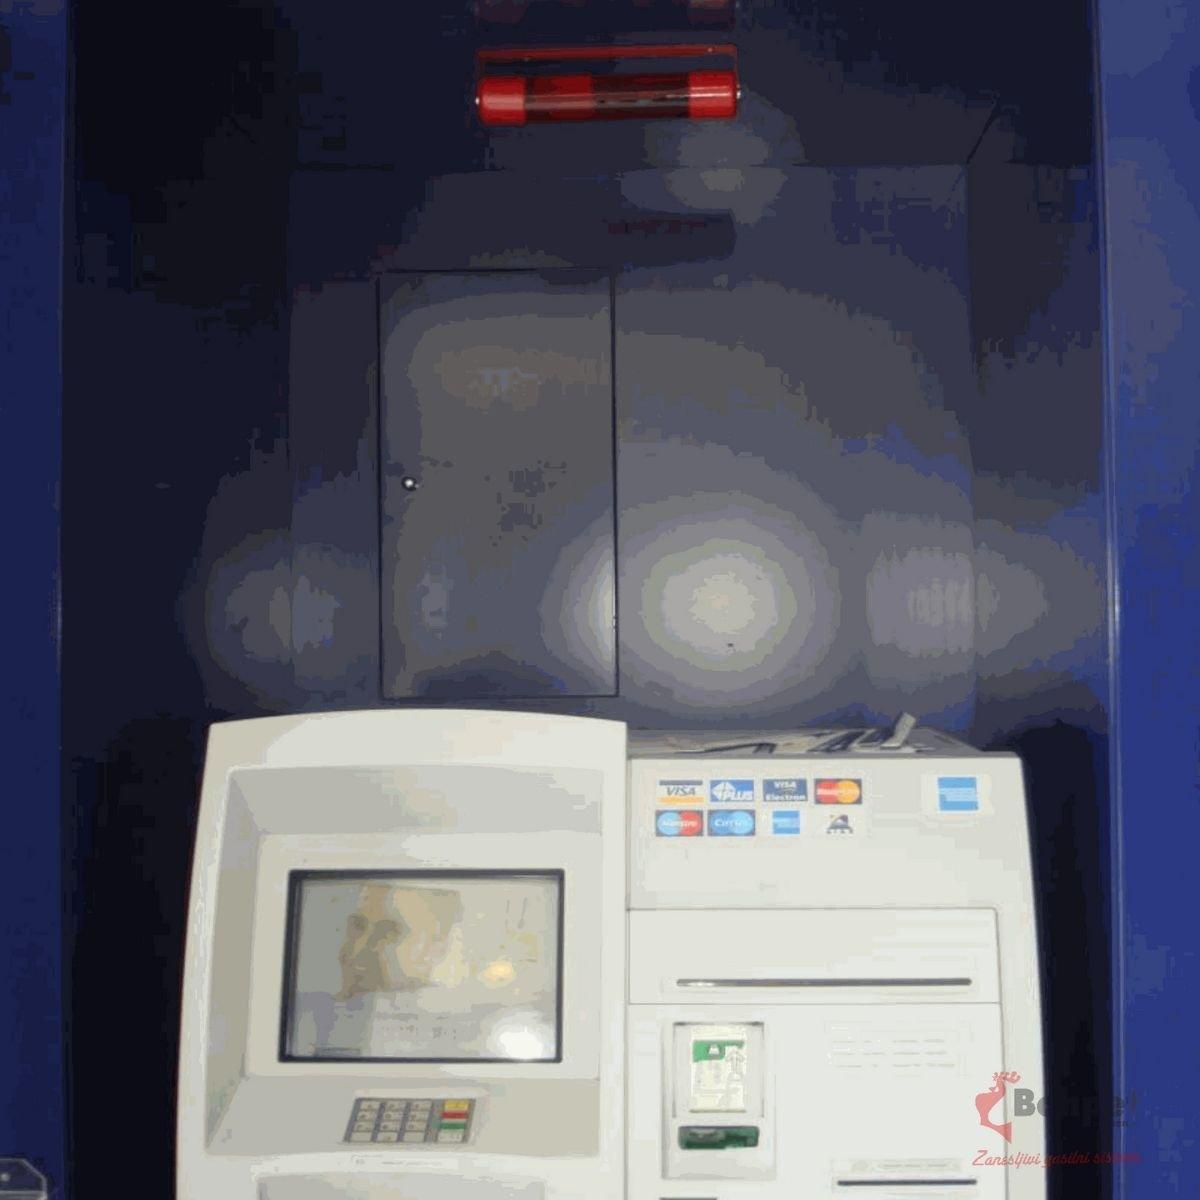 Automatische Löschampulle - Entdecken Sie hier die Besonderheiten der Automatische Löschampulle von Bonpet und sichern Sie sich Ihre eigene Automatische Löschampulle für Bankomat.